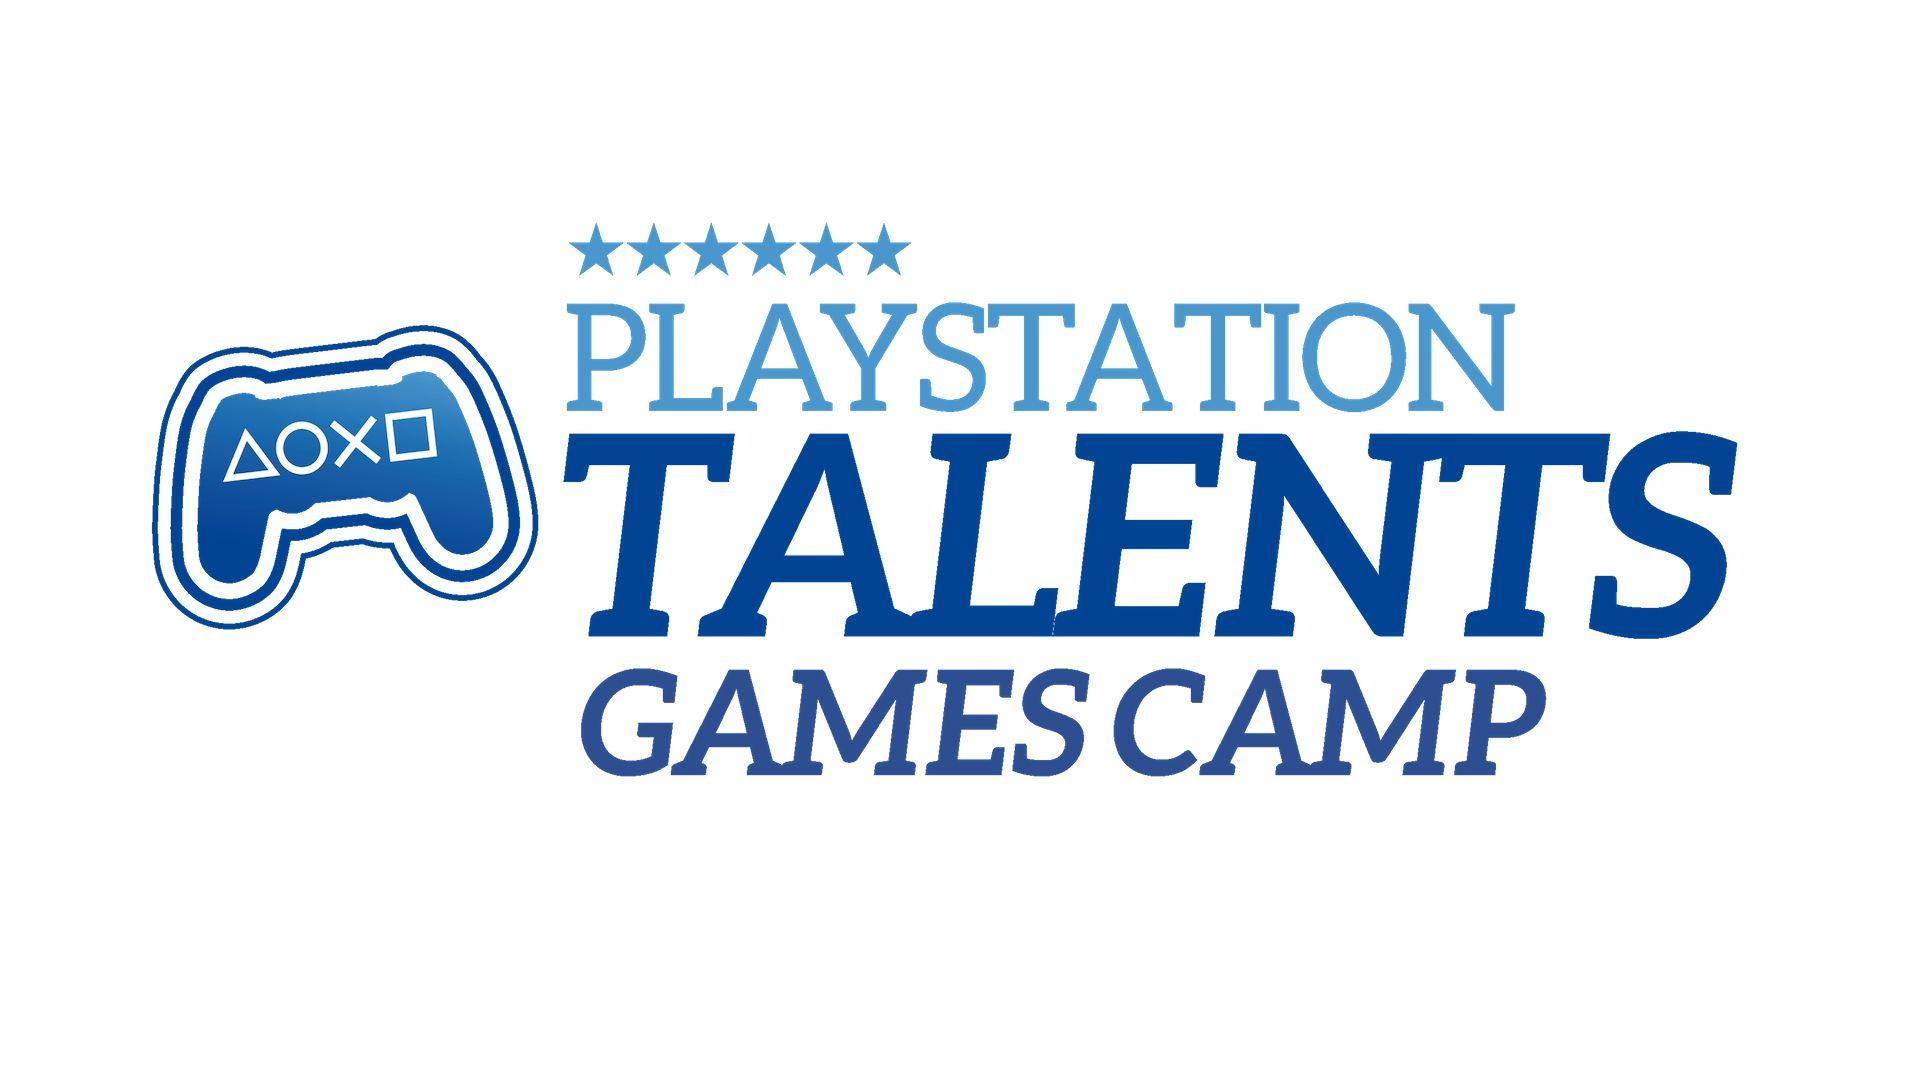 Ya se conocen los proyectos de PlayStation Talents Games Camp de 2021 -  AllGamersIn